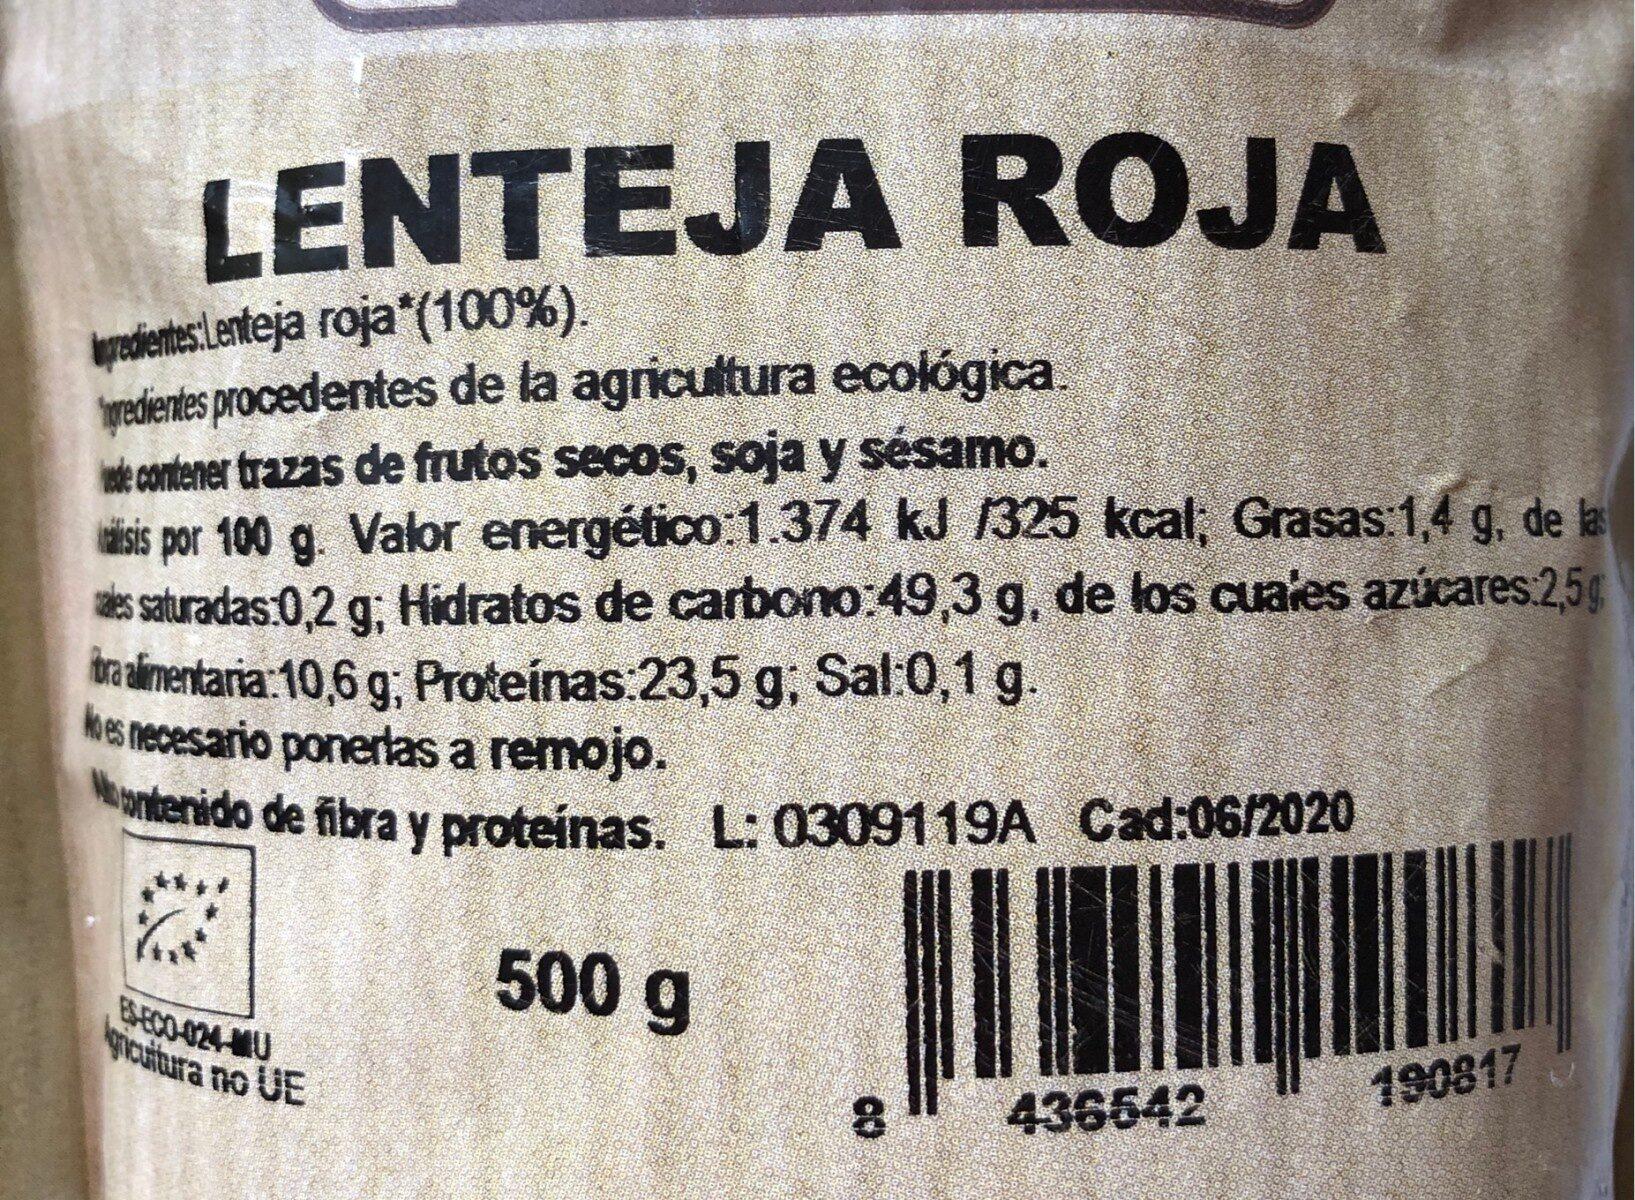 Lenteja roja - Nutrition facts